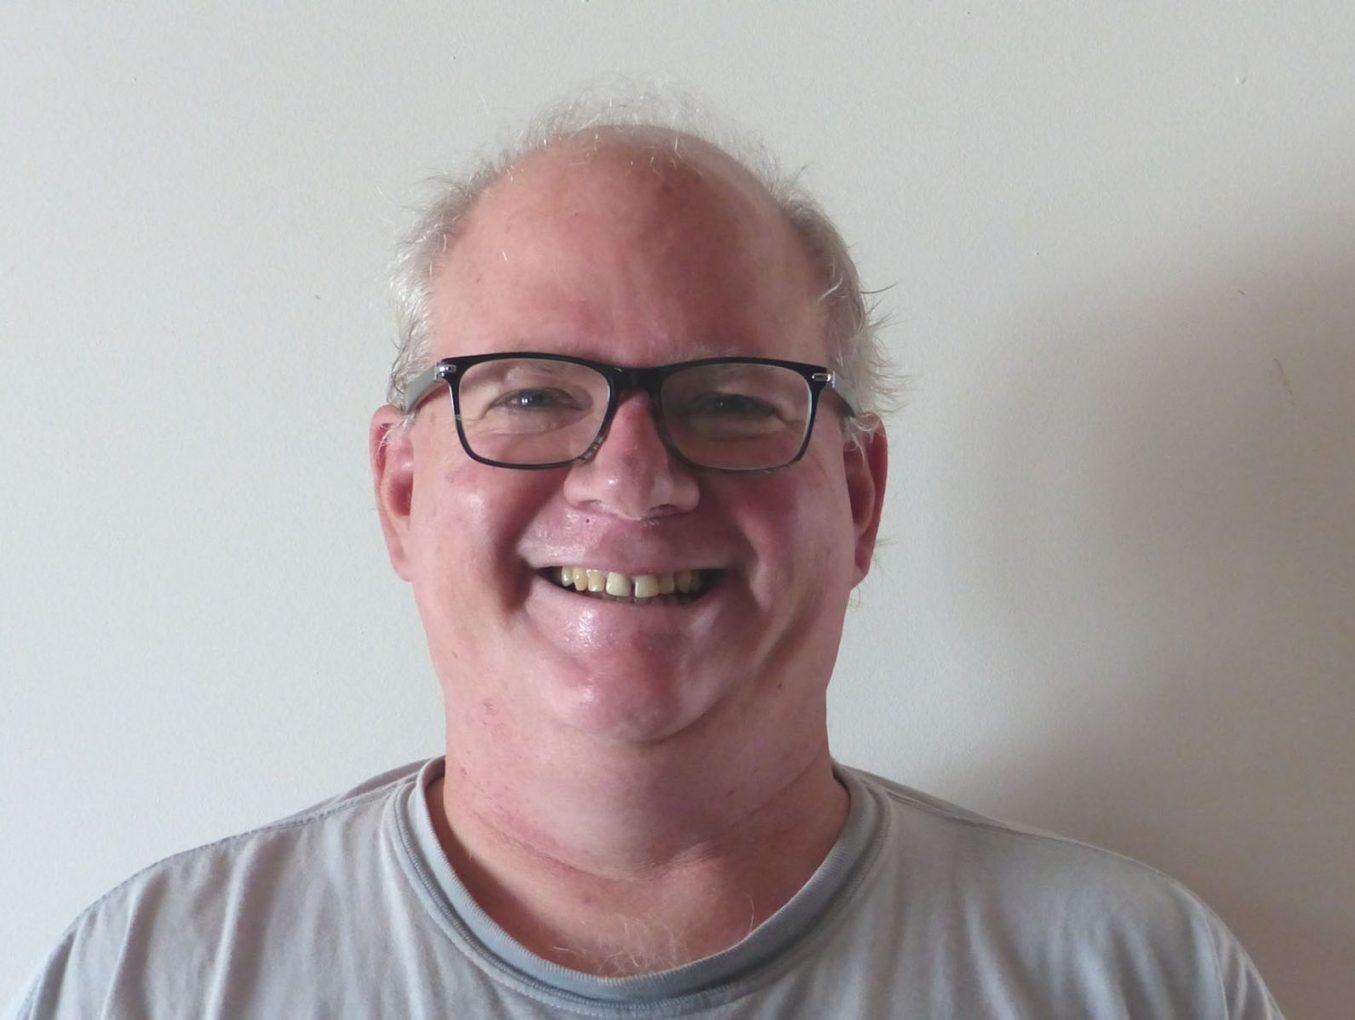 Charles Hocker's Bio